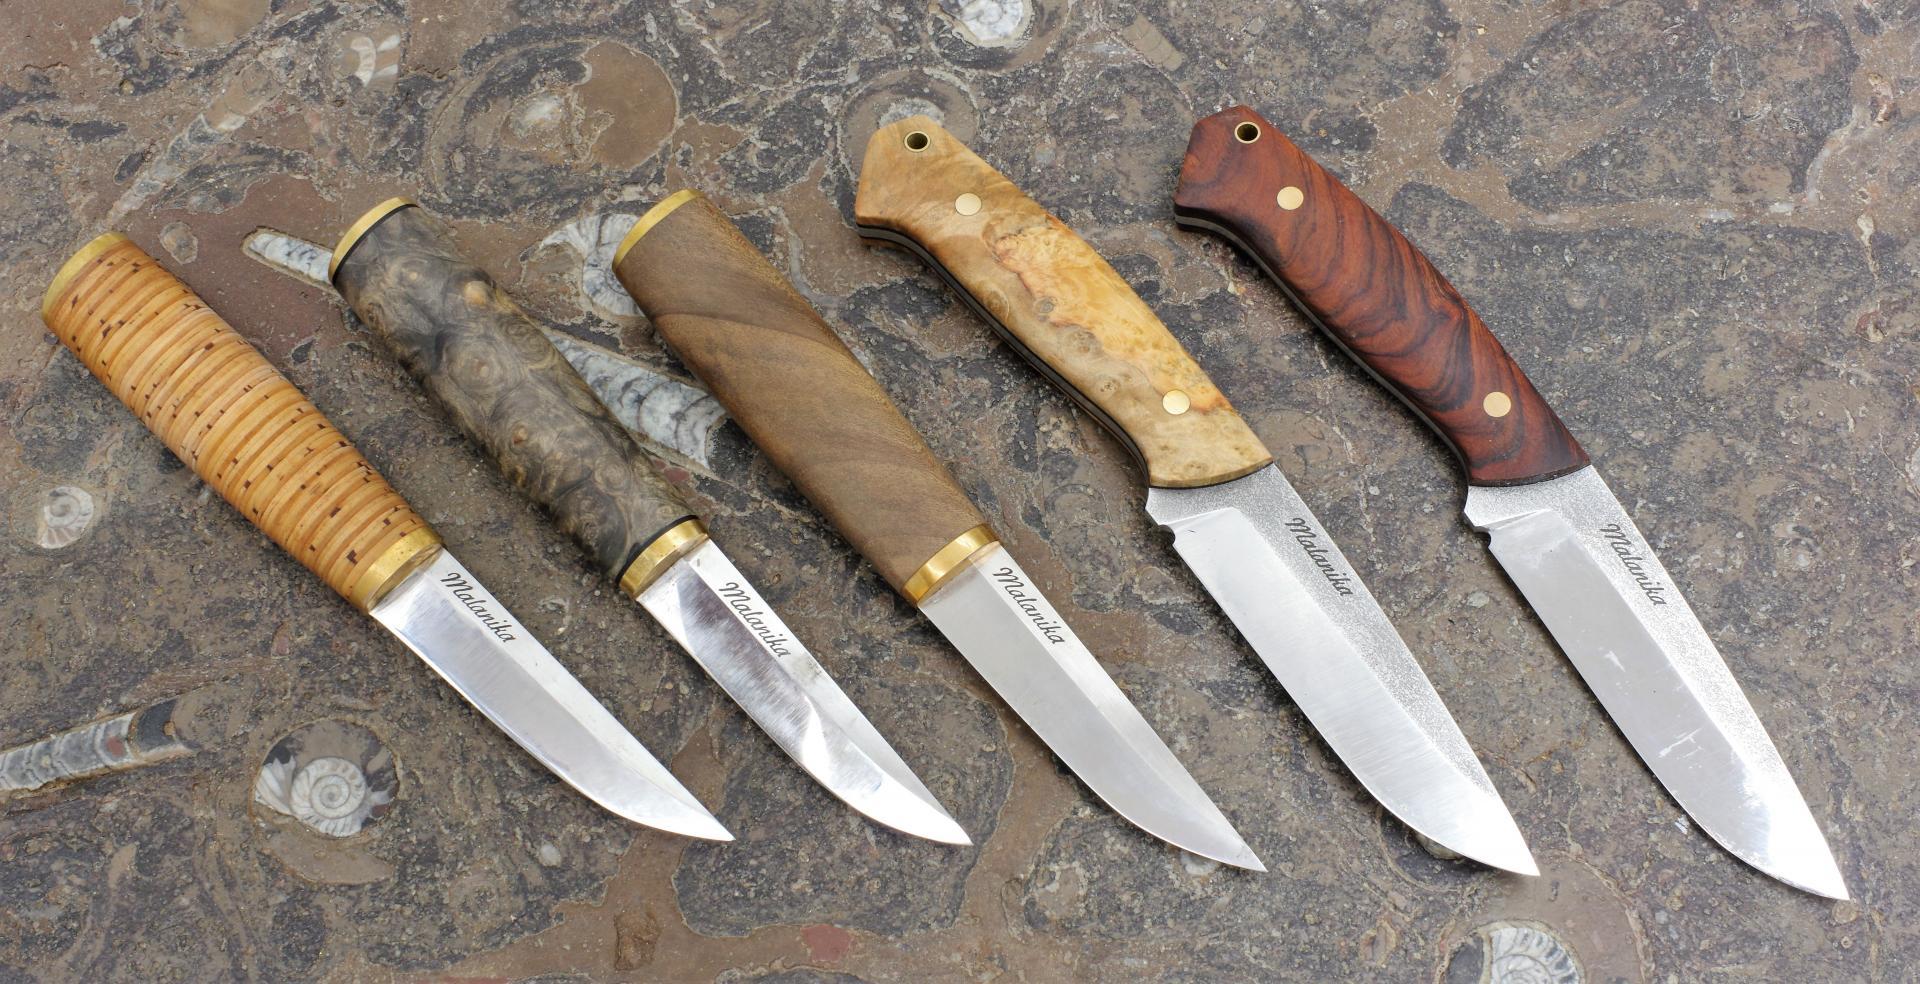 Interview: Dutch Bushcraft Knives - European Blades